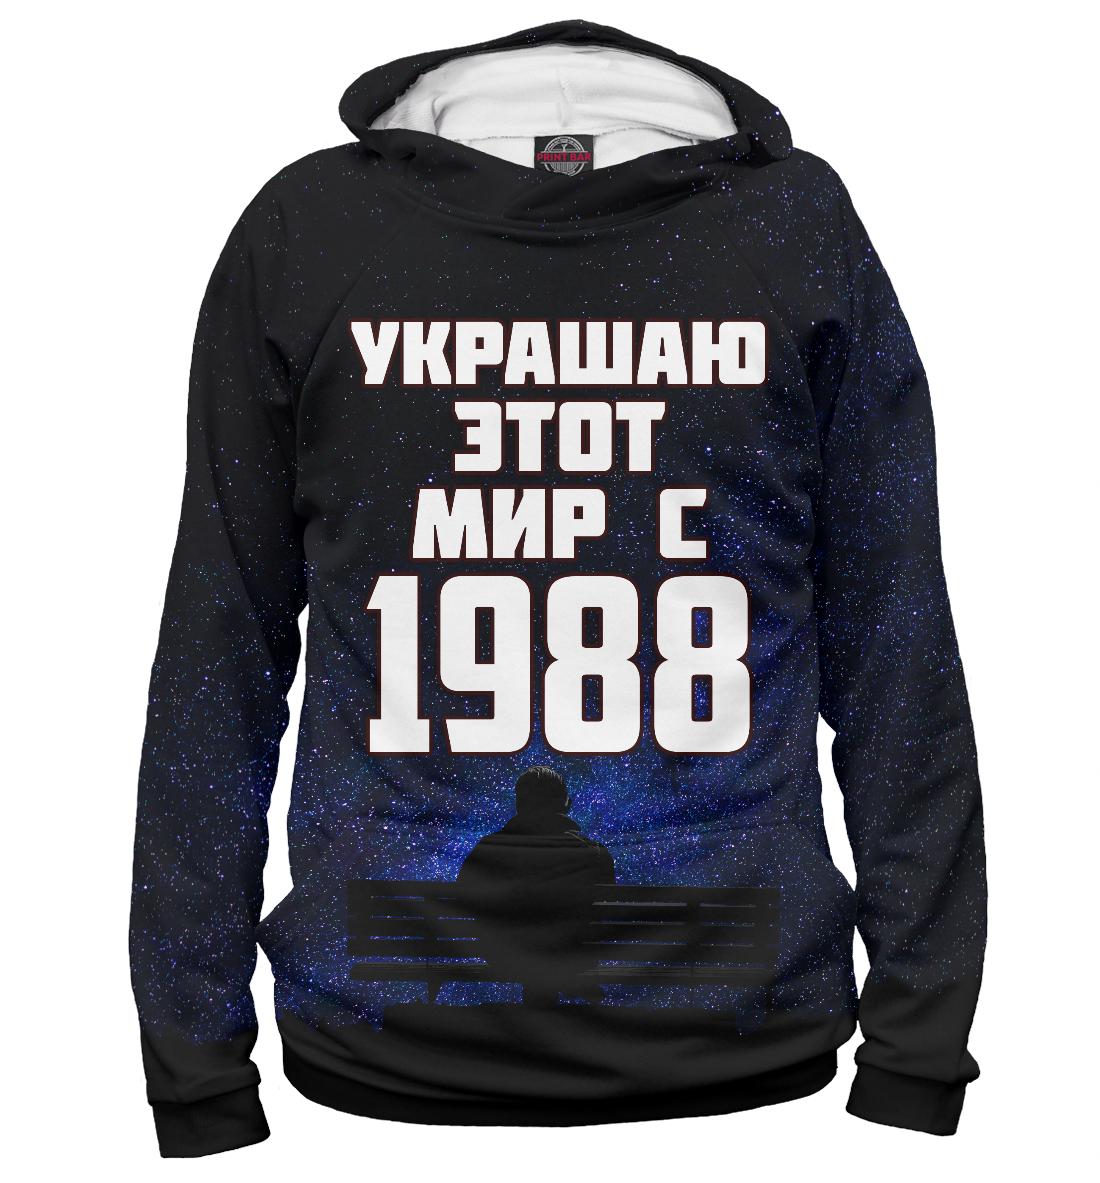 Купить Украшаю этот мир с 1988, Printbar, Худи, DVV-992159-hud-1